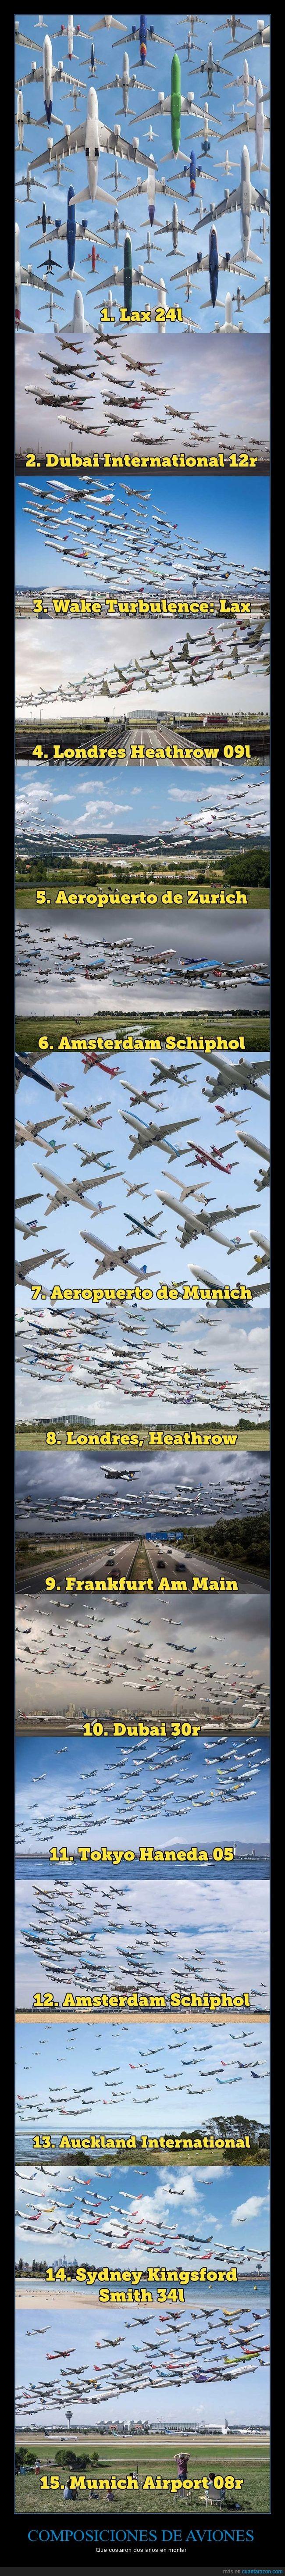 aeropuertos,aviones,composición